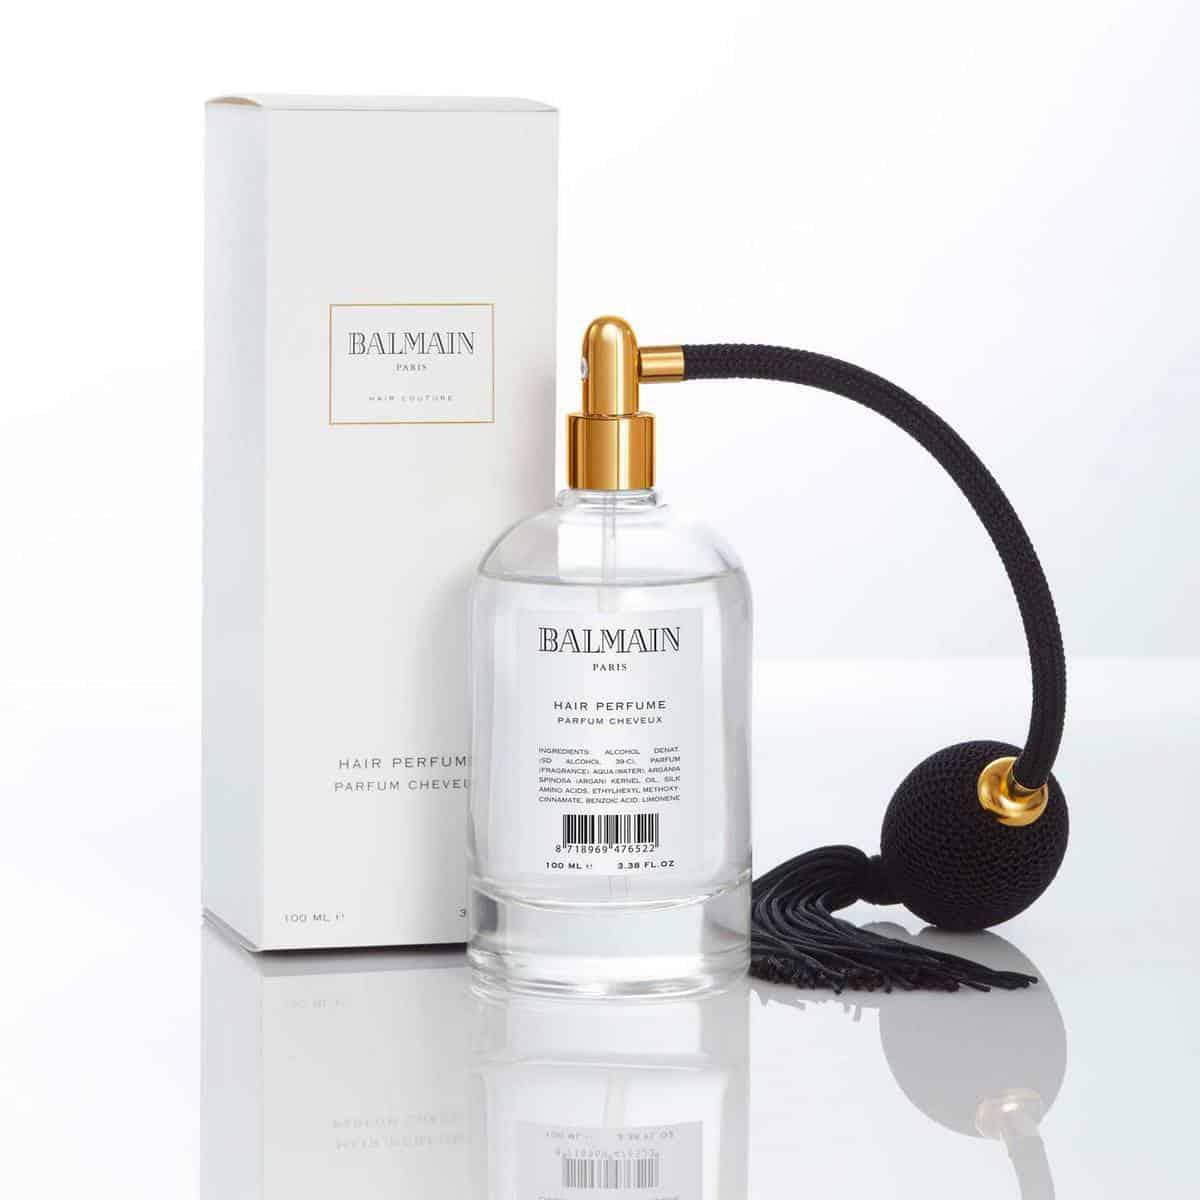 Silk Perfume by Balmain